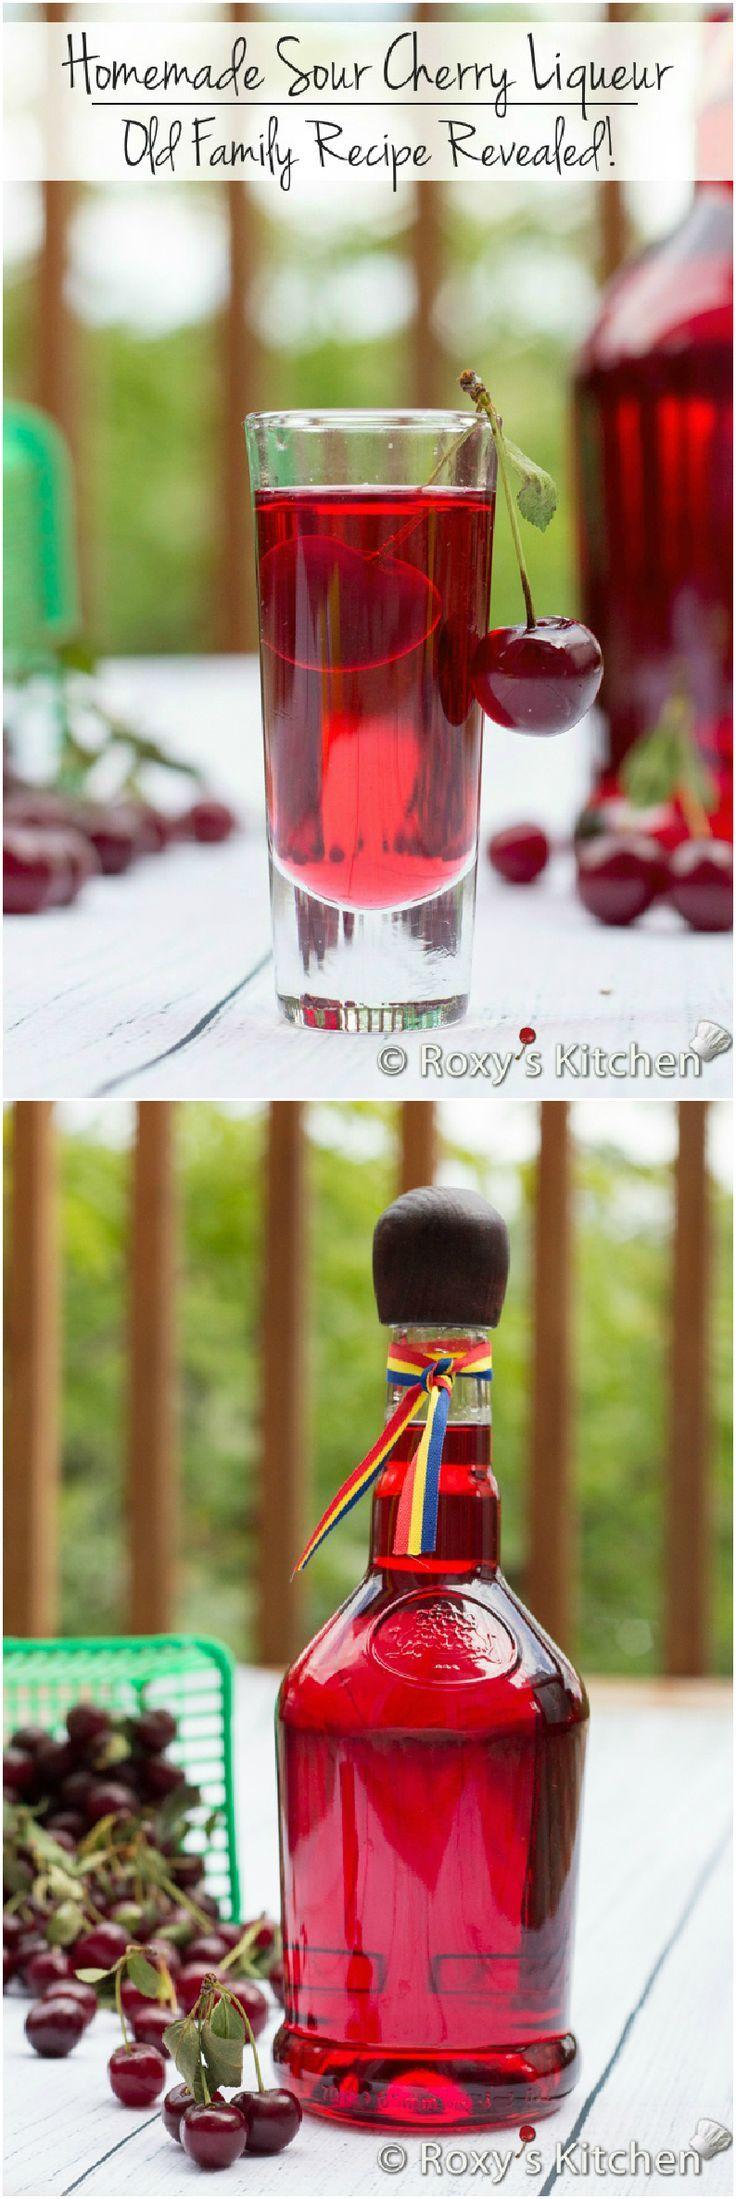 Homemade Sour Cherry Liqueur Easy Old Family Recipe Revealed Liquor Recipes Homemade Drinks Cherry Liqueur